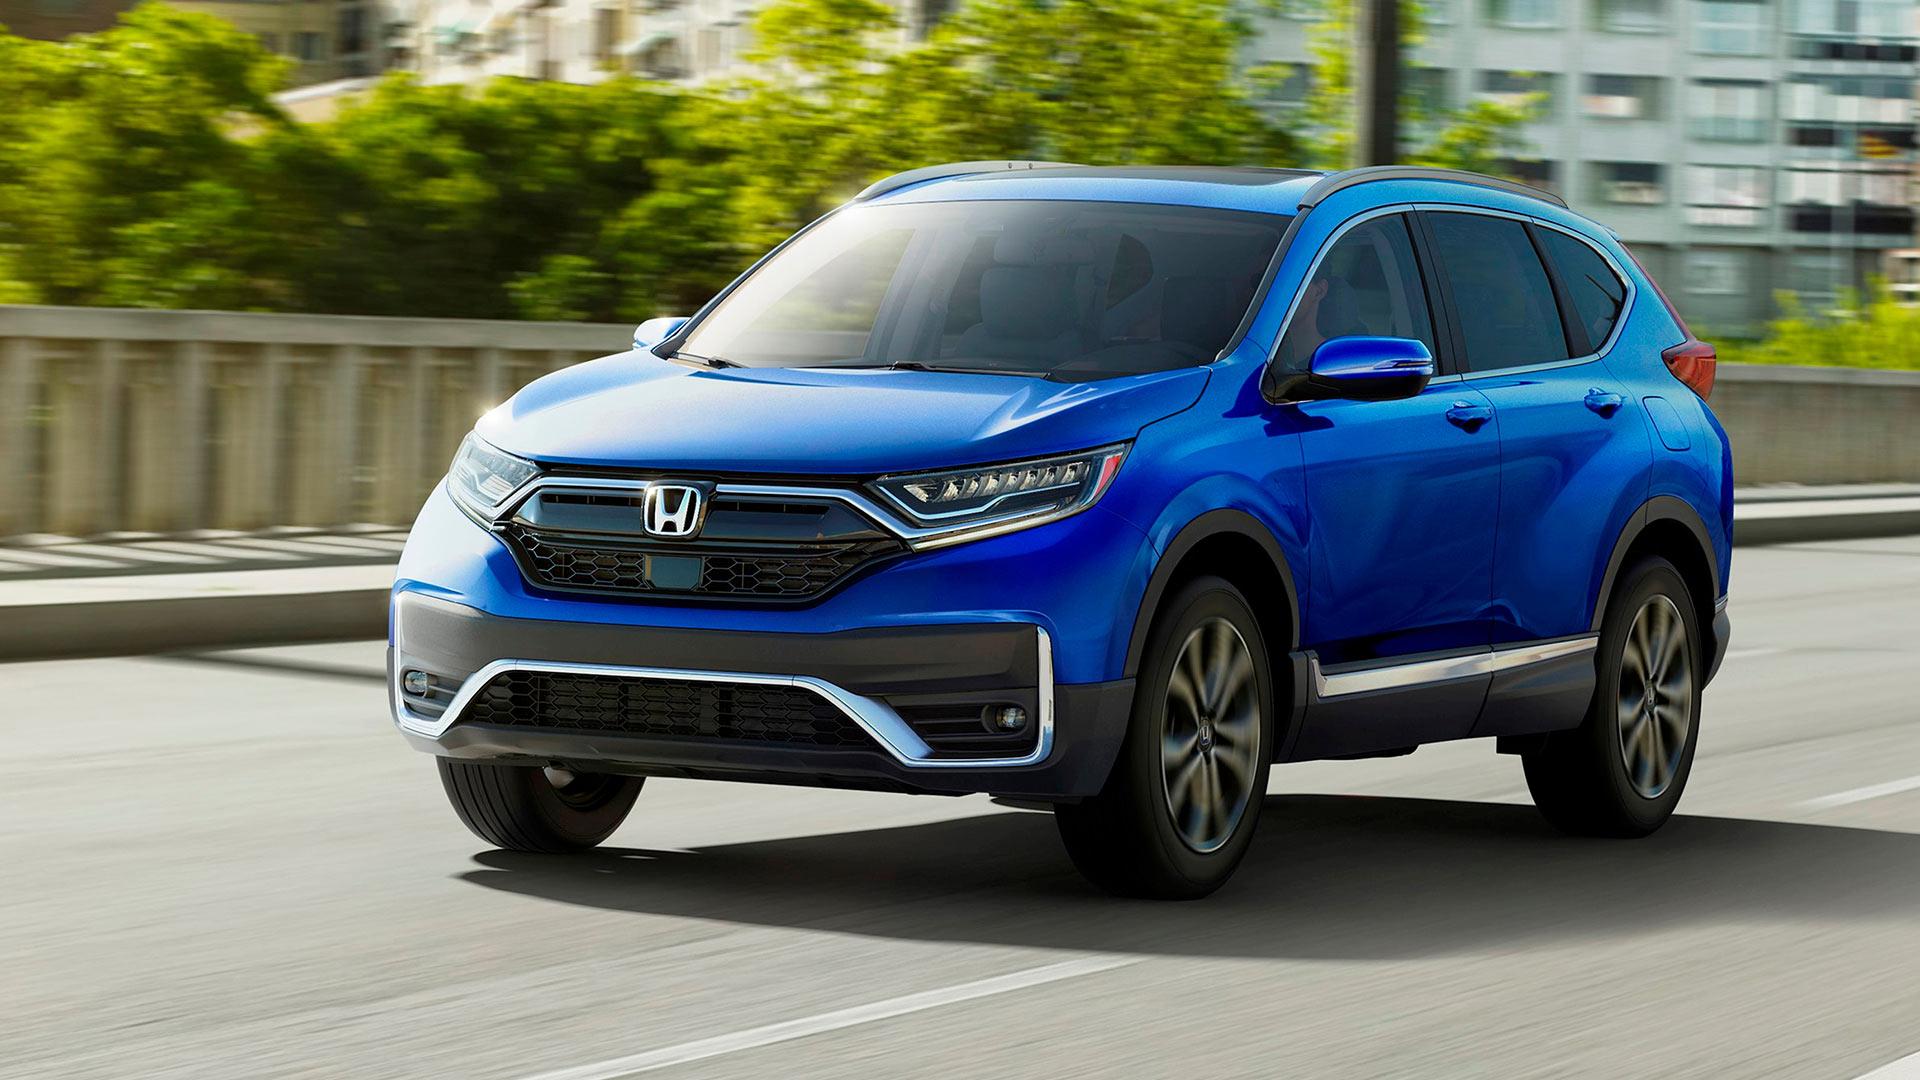 Honda CR-V 2020 bản lắp ráp thêm cả tá công nghệ, giá sẽ tăng?